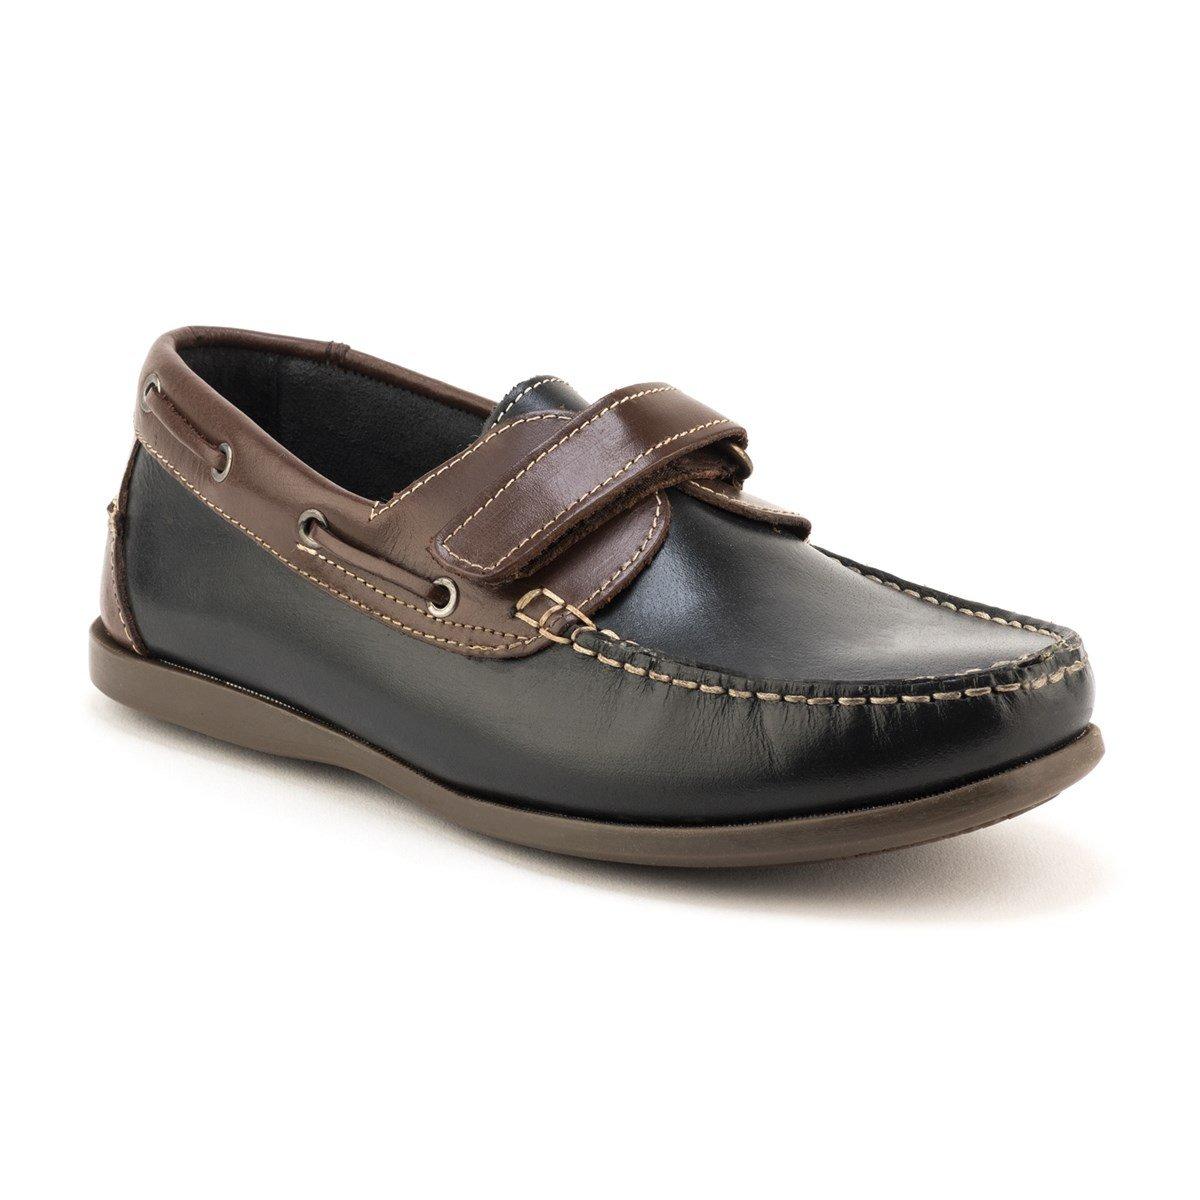 Outgobuy Damen Leder Thong Flache Ferse Sommer Sandalen Handgefertigt in  Griechenland Flip Flops 35 EU Schwarz, a7fd8408c9